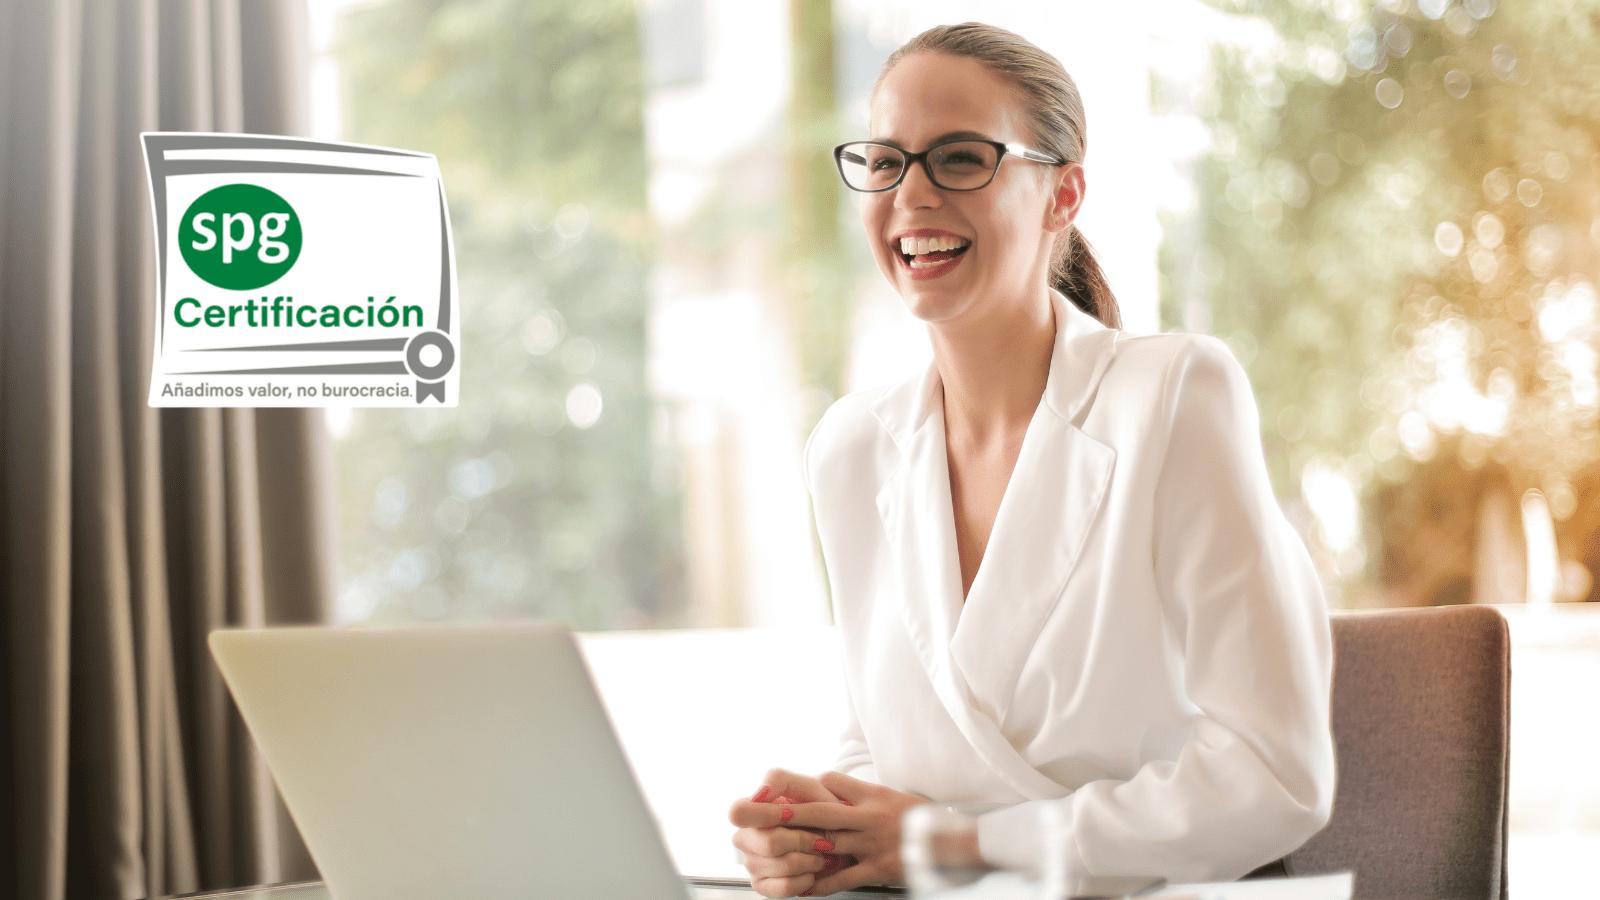 SPG Certificación se convierte en la primera entidad de certificación en formato franquicia